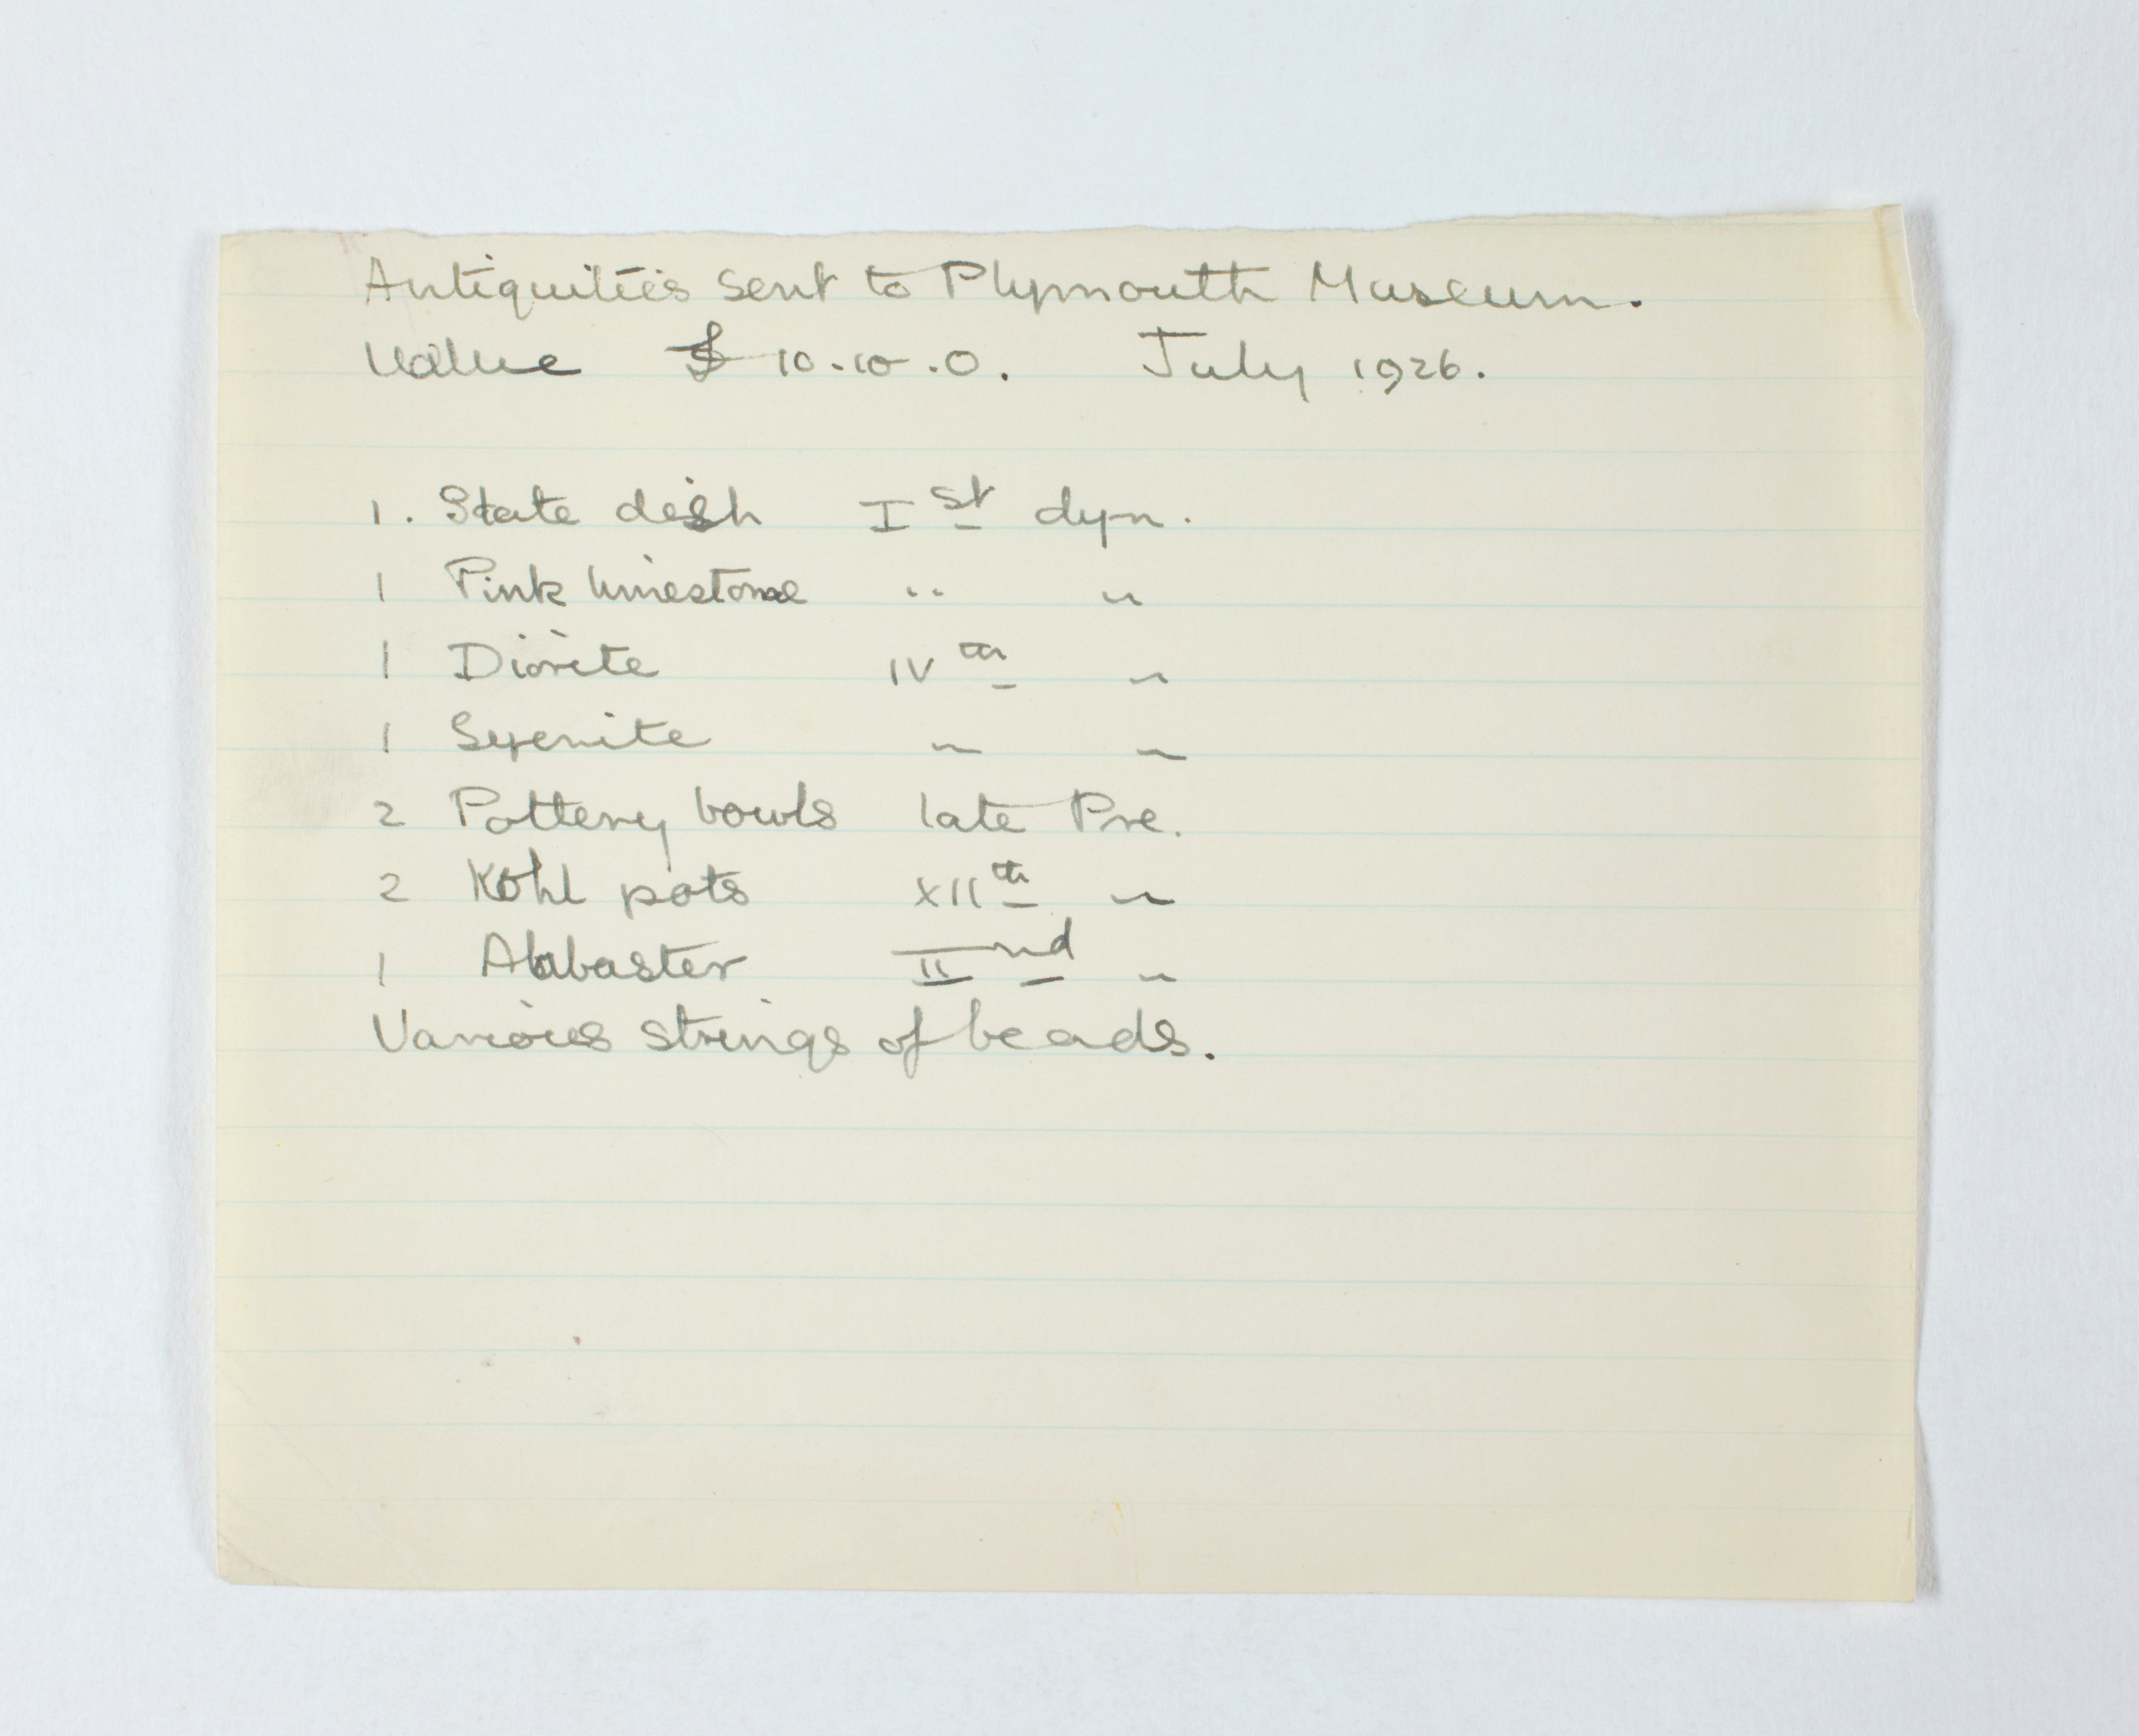 1925-26 Badari, Faiyum Individual institution list PMA/WFP1/D/29/5